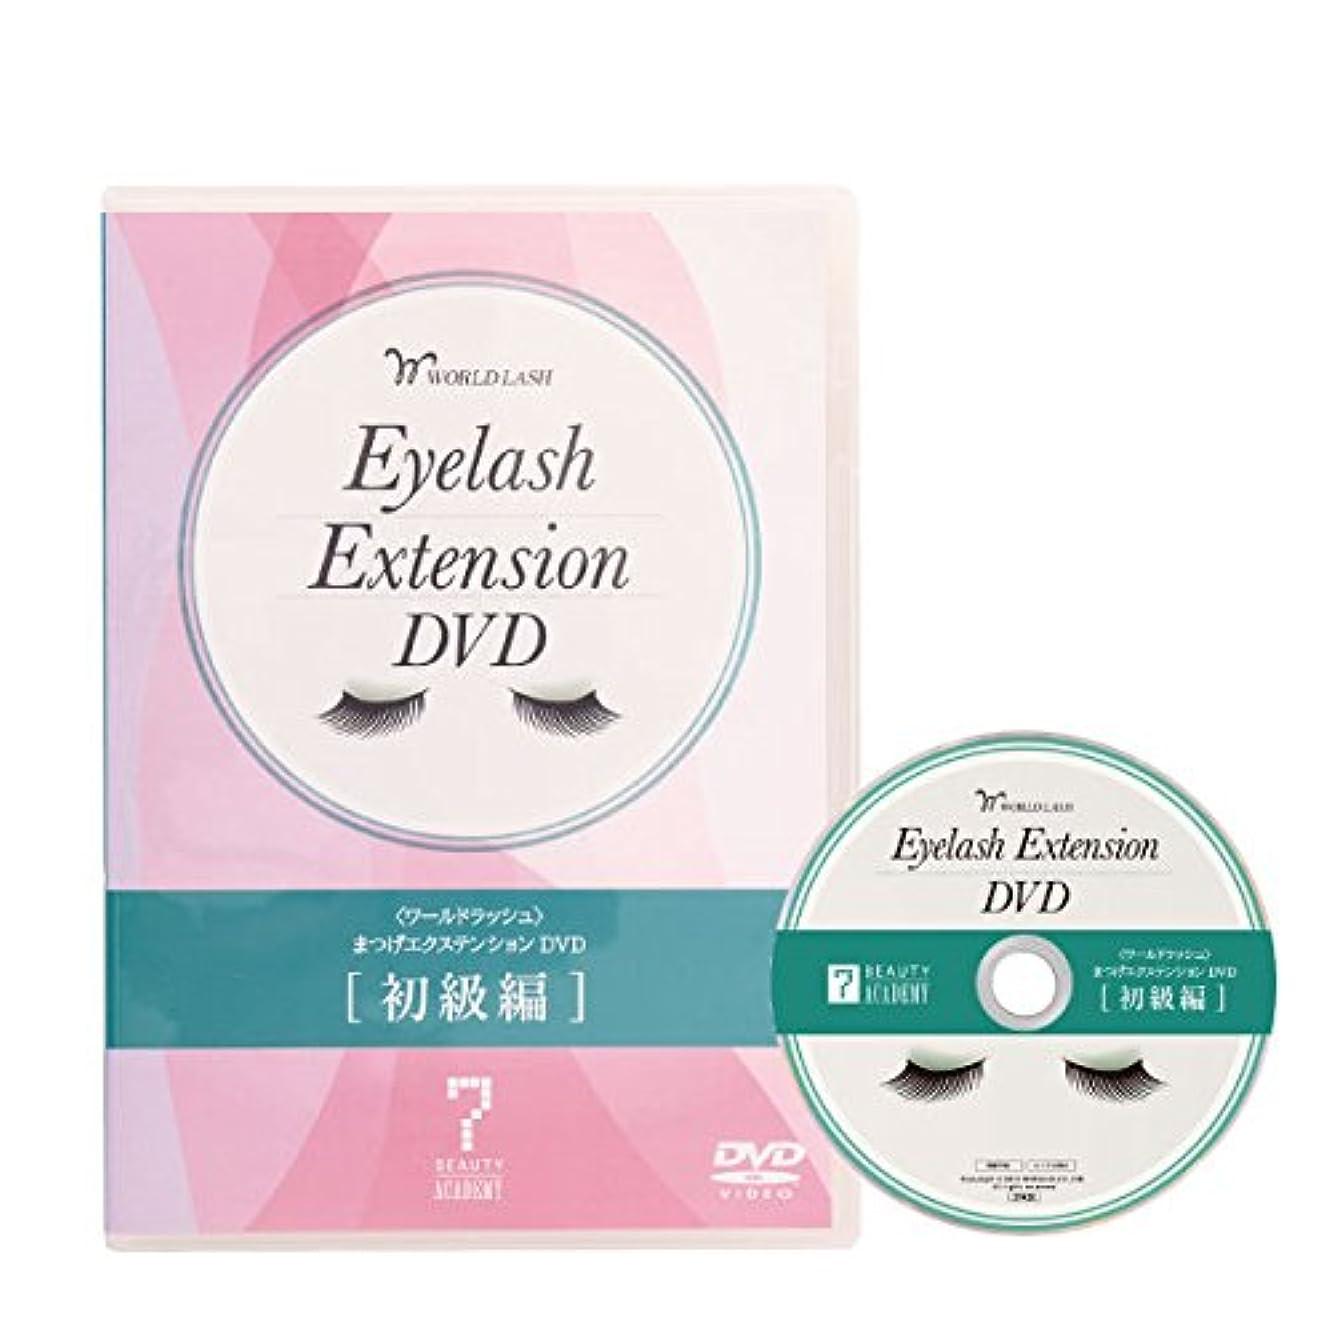 教養がある回復コーラス< WORLD LASH > まつげエクステンション DVD (初級編) [ 教材 テキスト DVD まつげエクステ まつ毛エクステ まつエク マツエク サロン用 ]